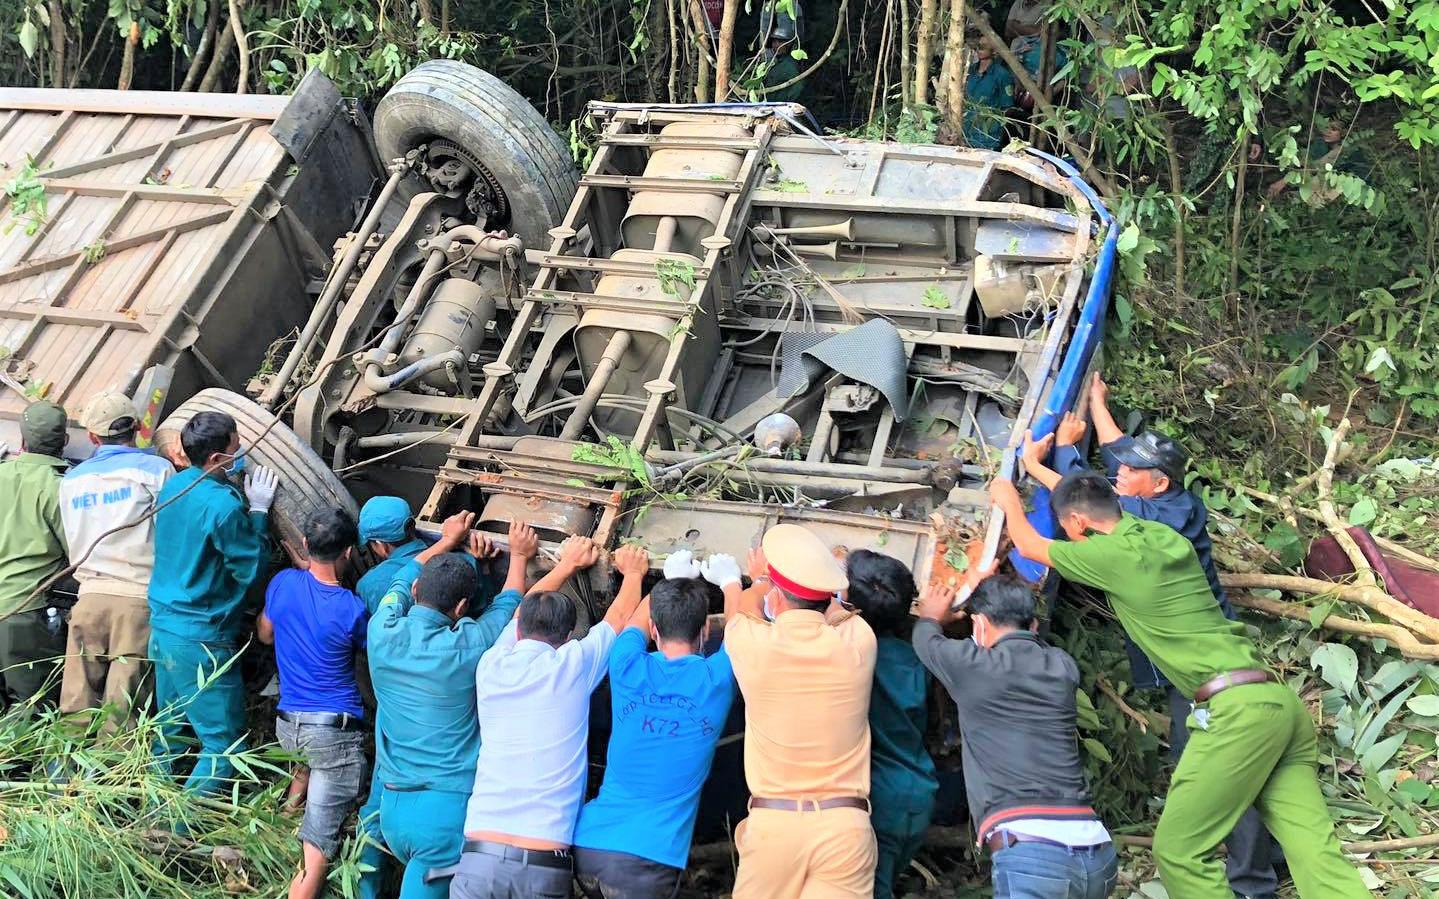 Tiết lộ bất ngờ về vụ xe khách lao xuống vực khiến nhiều người chết và bị thương ở Kon Tum